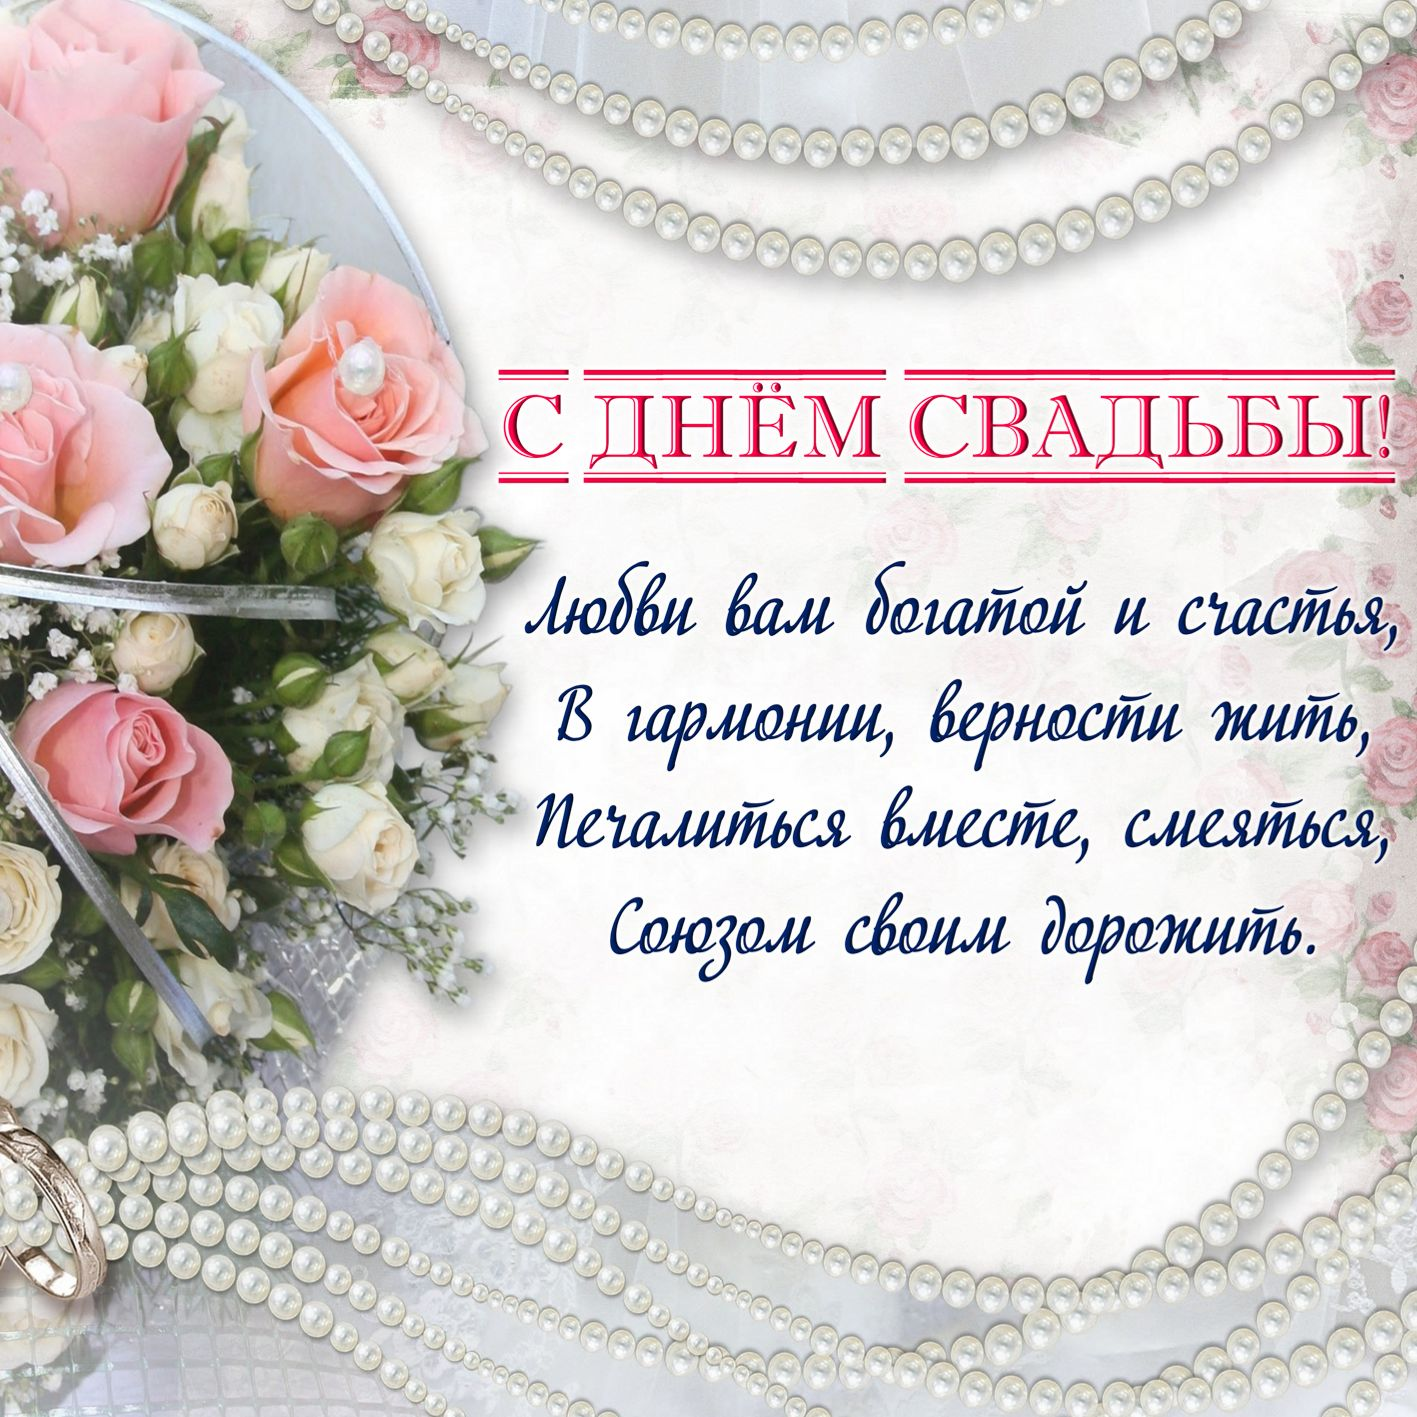 Одесские поздравления со свадьбой